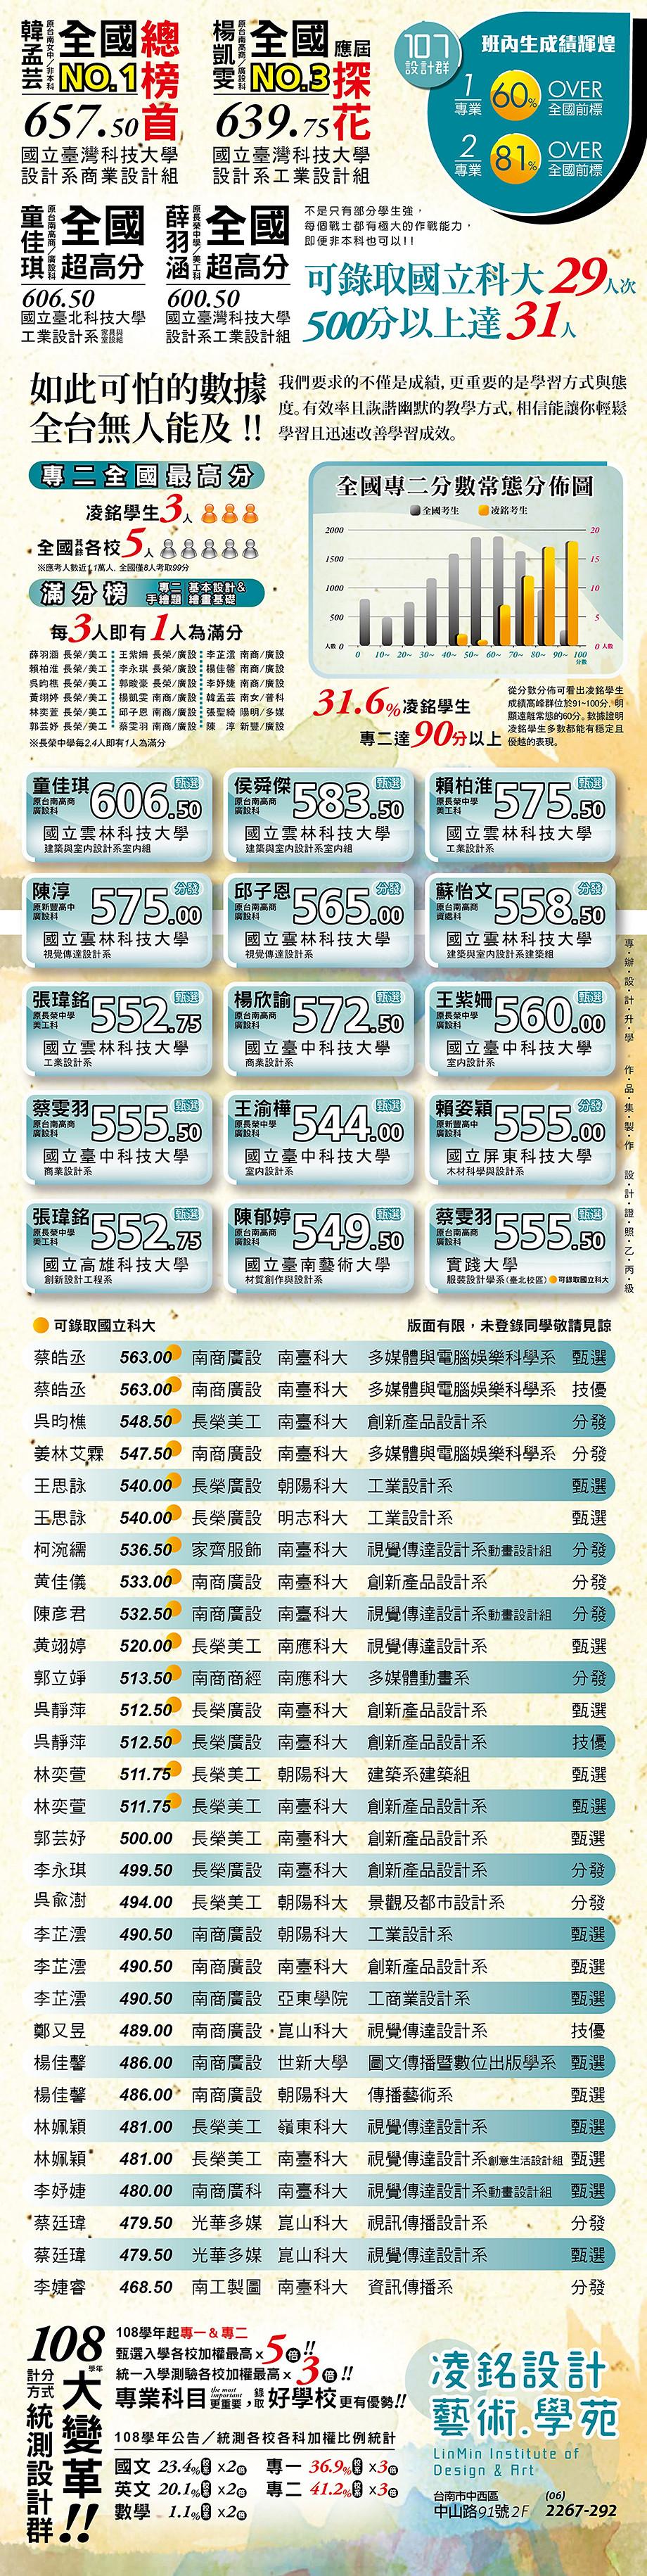 107榜單final_網頁-01.jpg